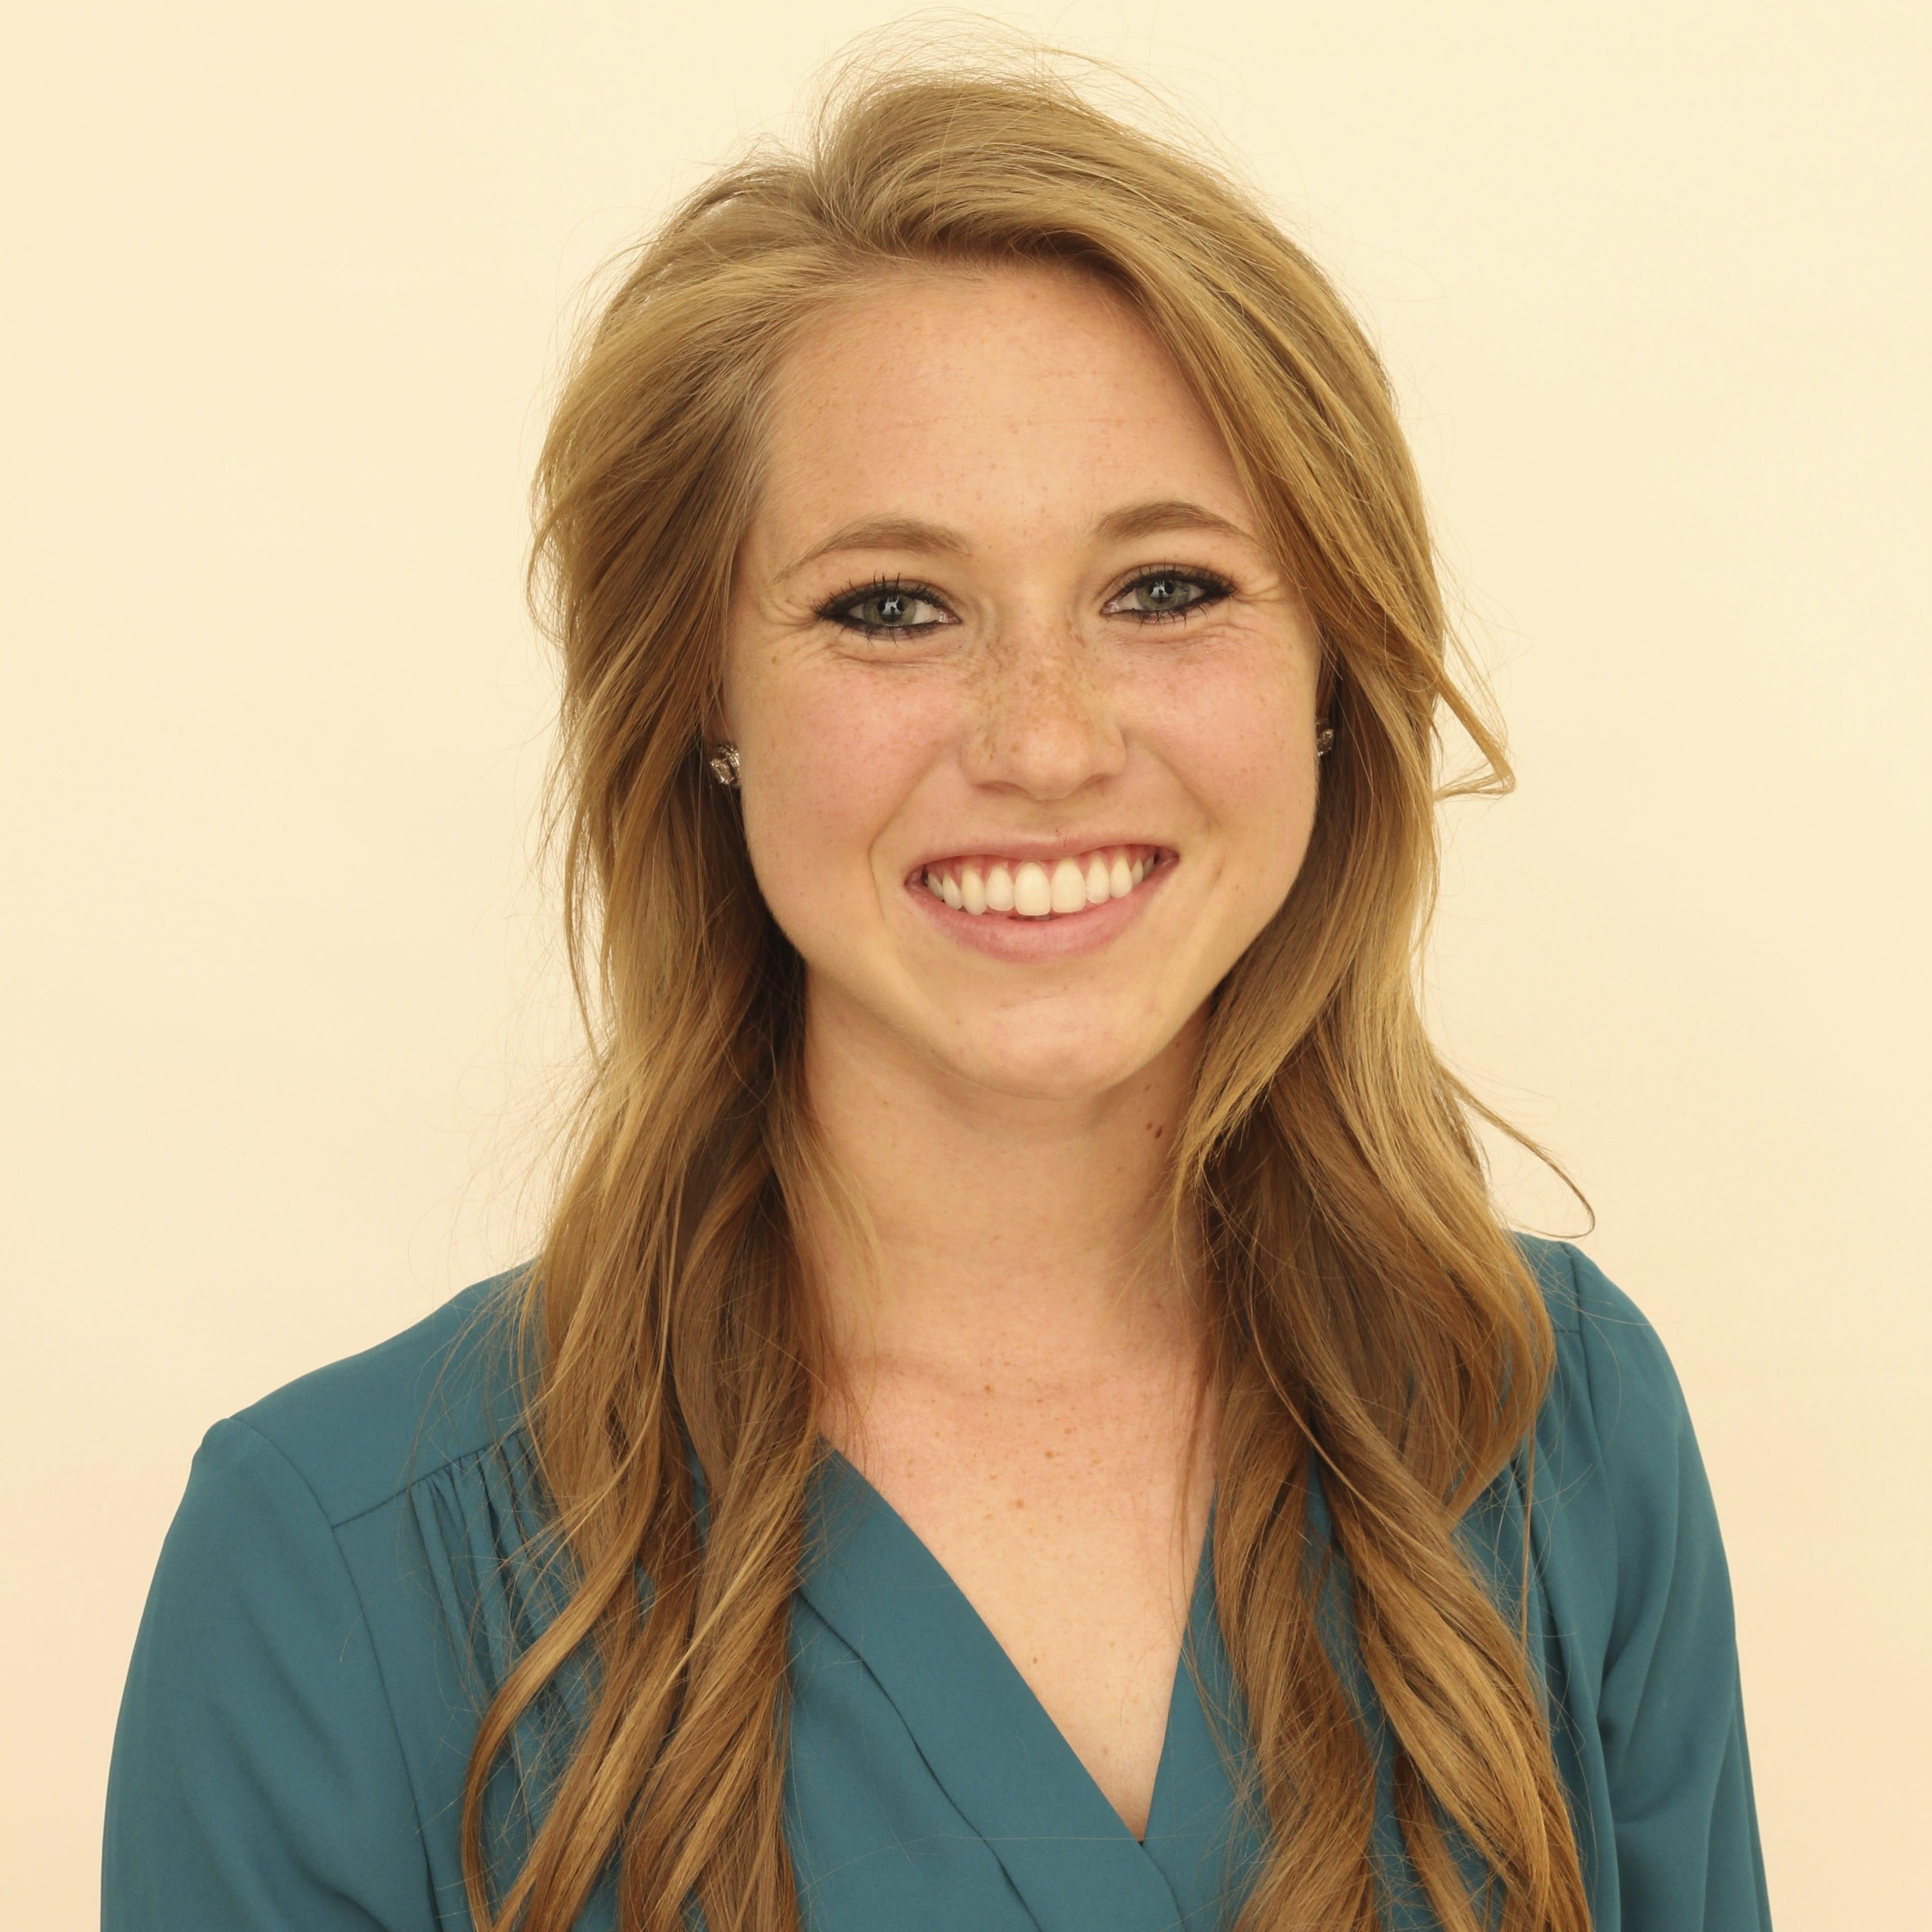 Lauren Holton